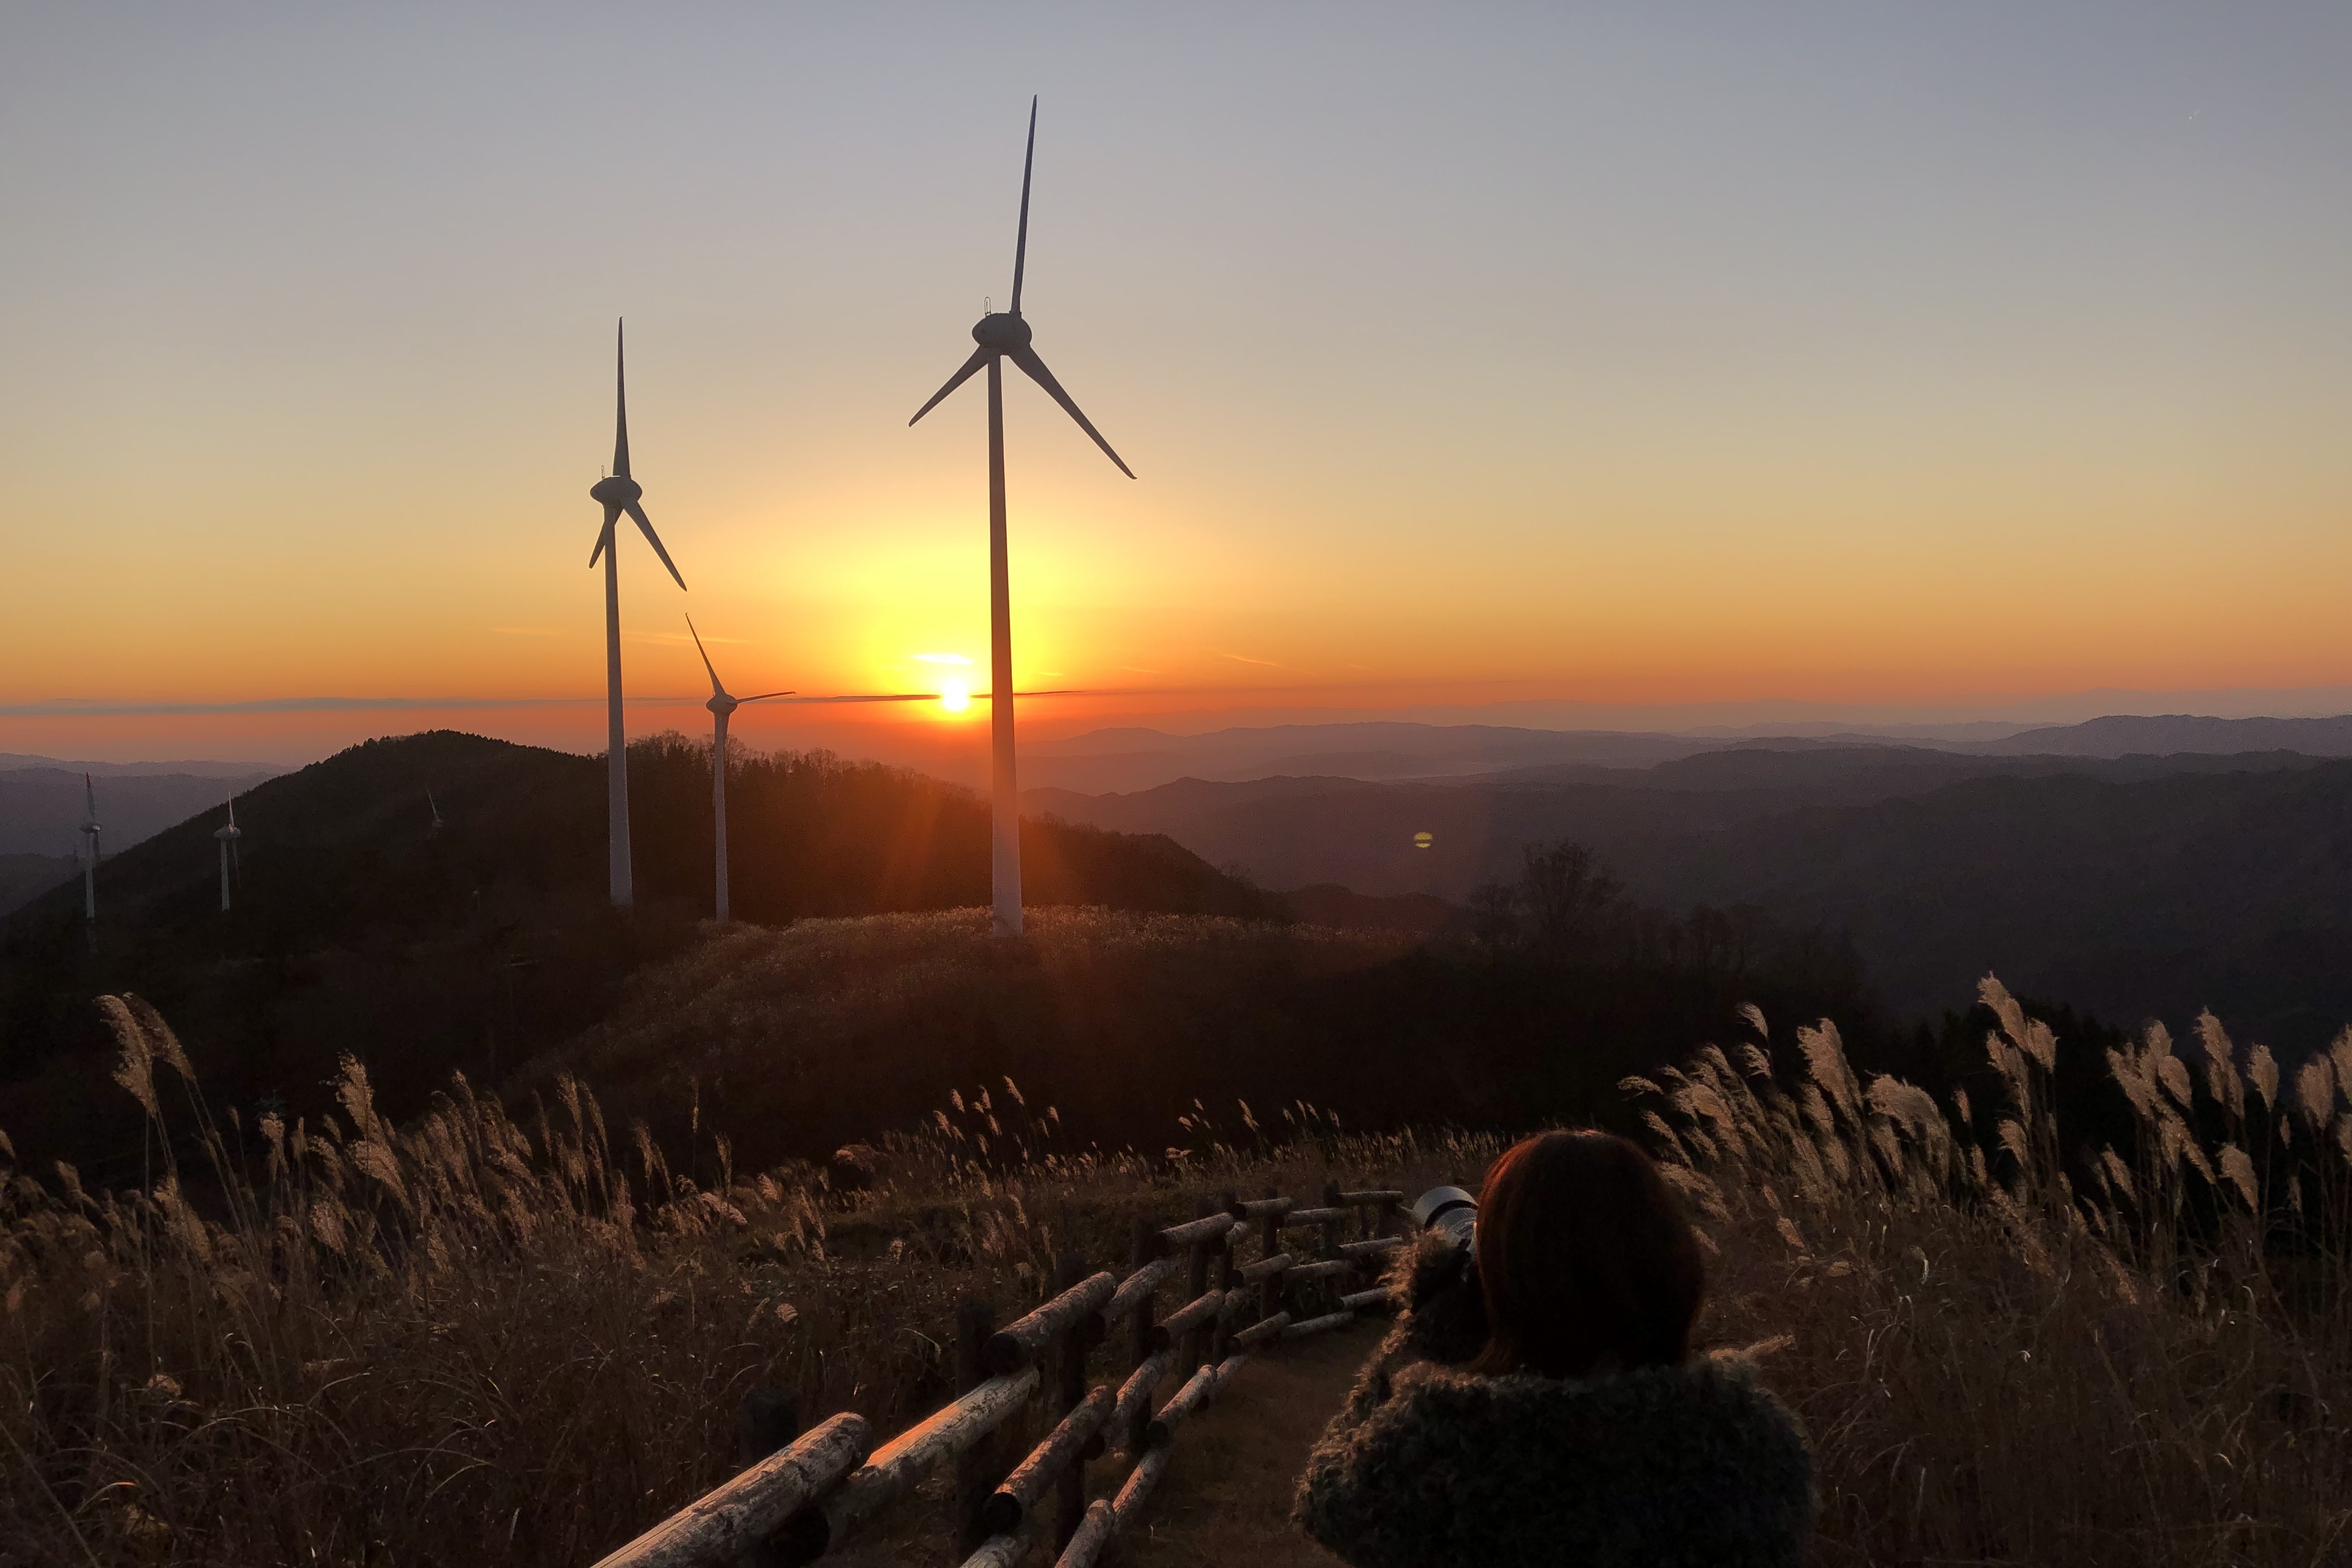 夕日 風力発電